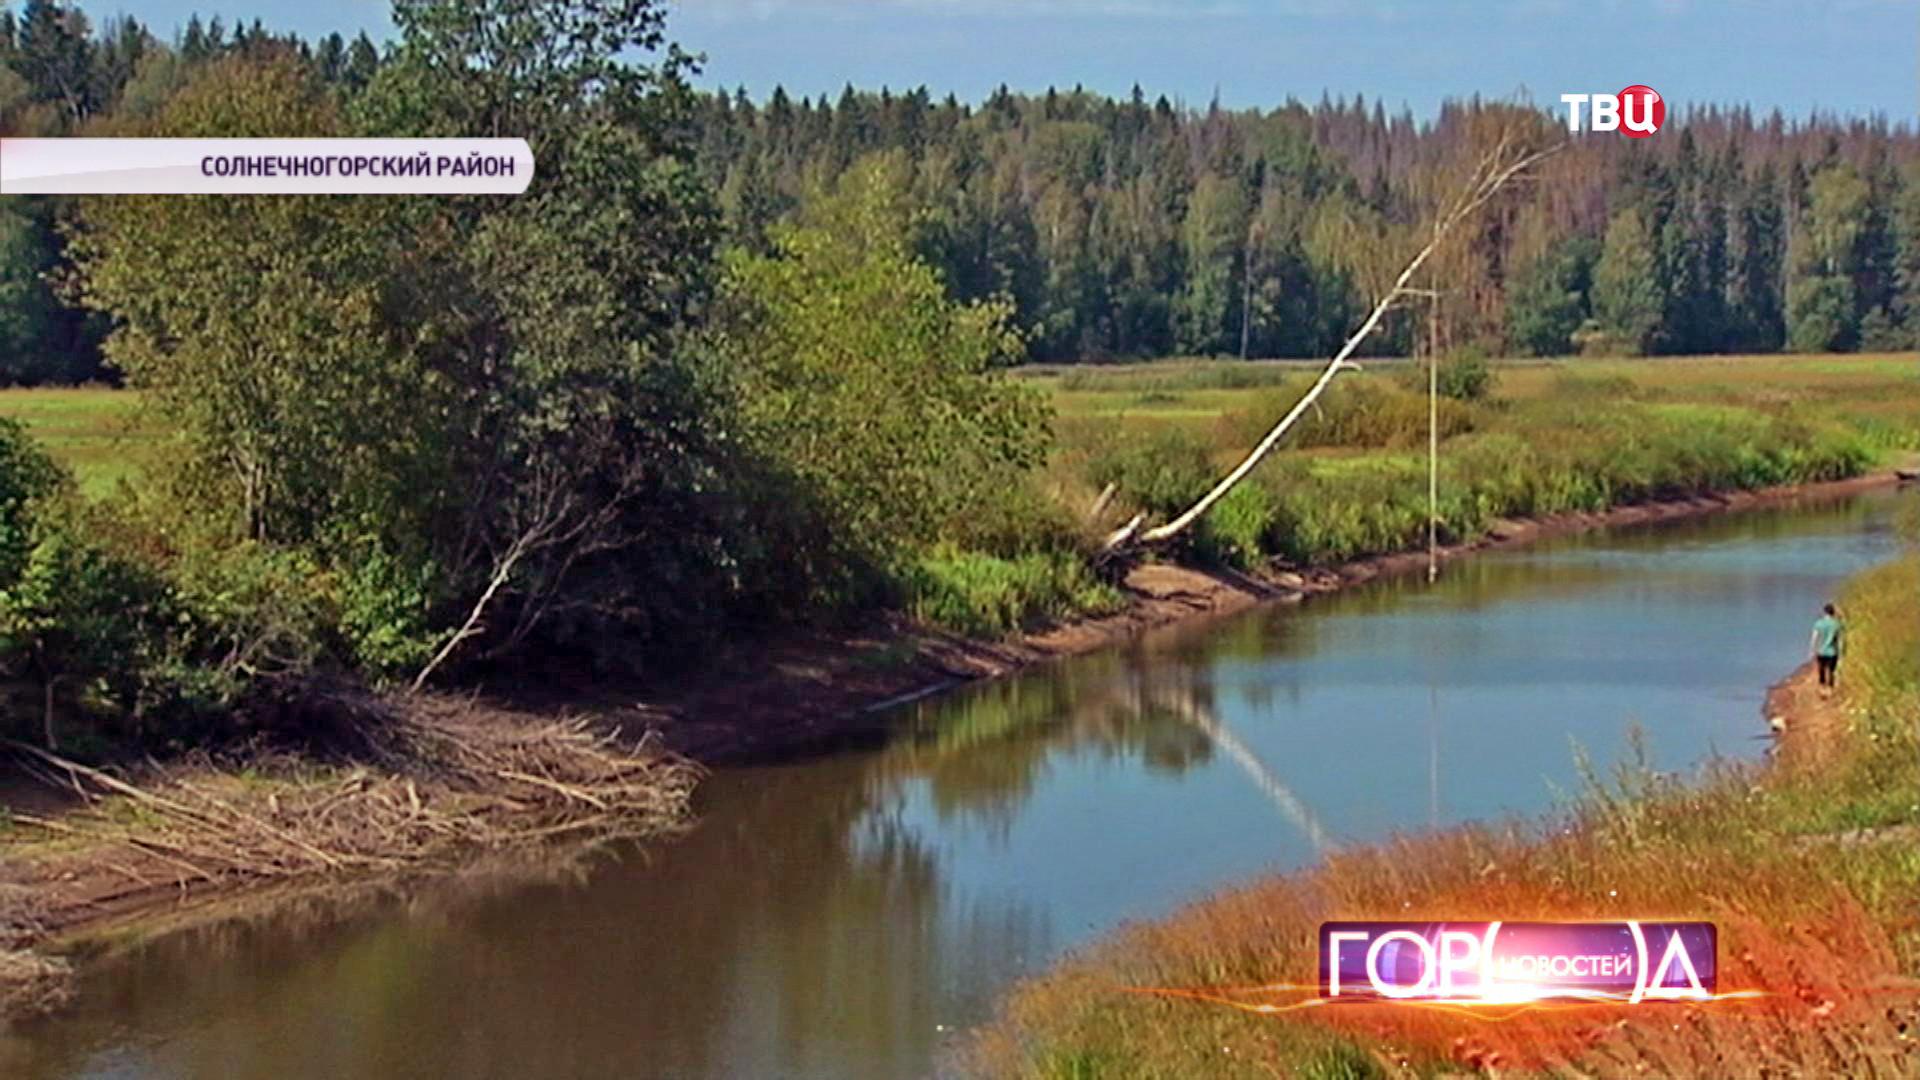 Водный канал в Солнечногорском районе Подмосковья